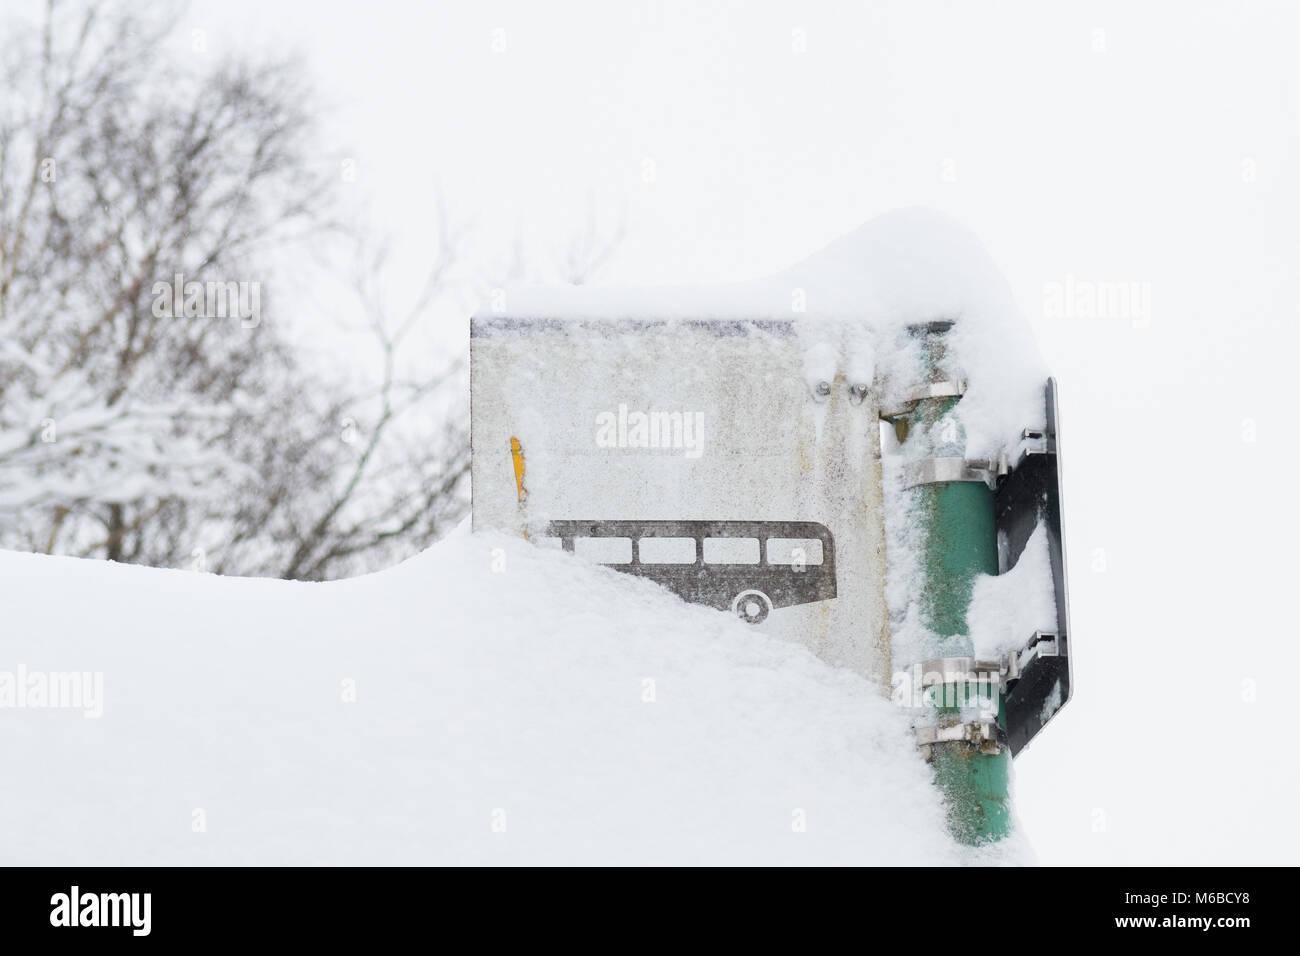 Bus Stop-Schild im Schnee bedeckt - der öffentliche Verkehr im Winter Konzept - Schottland, Großbritannien Stockbild